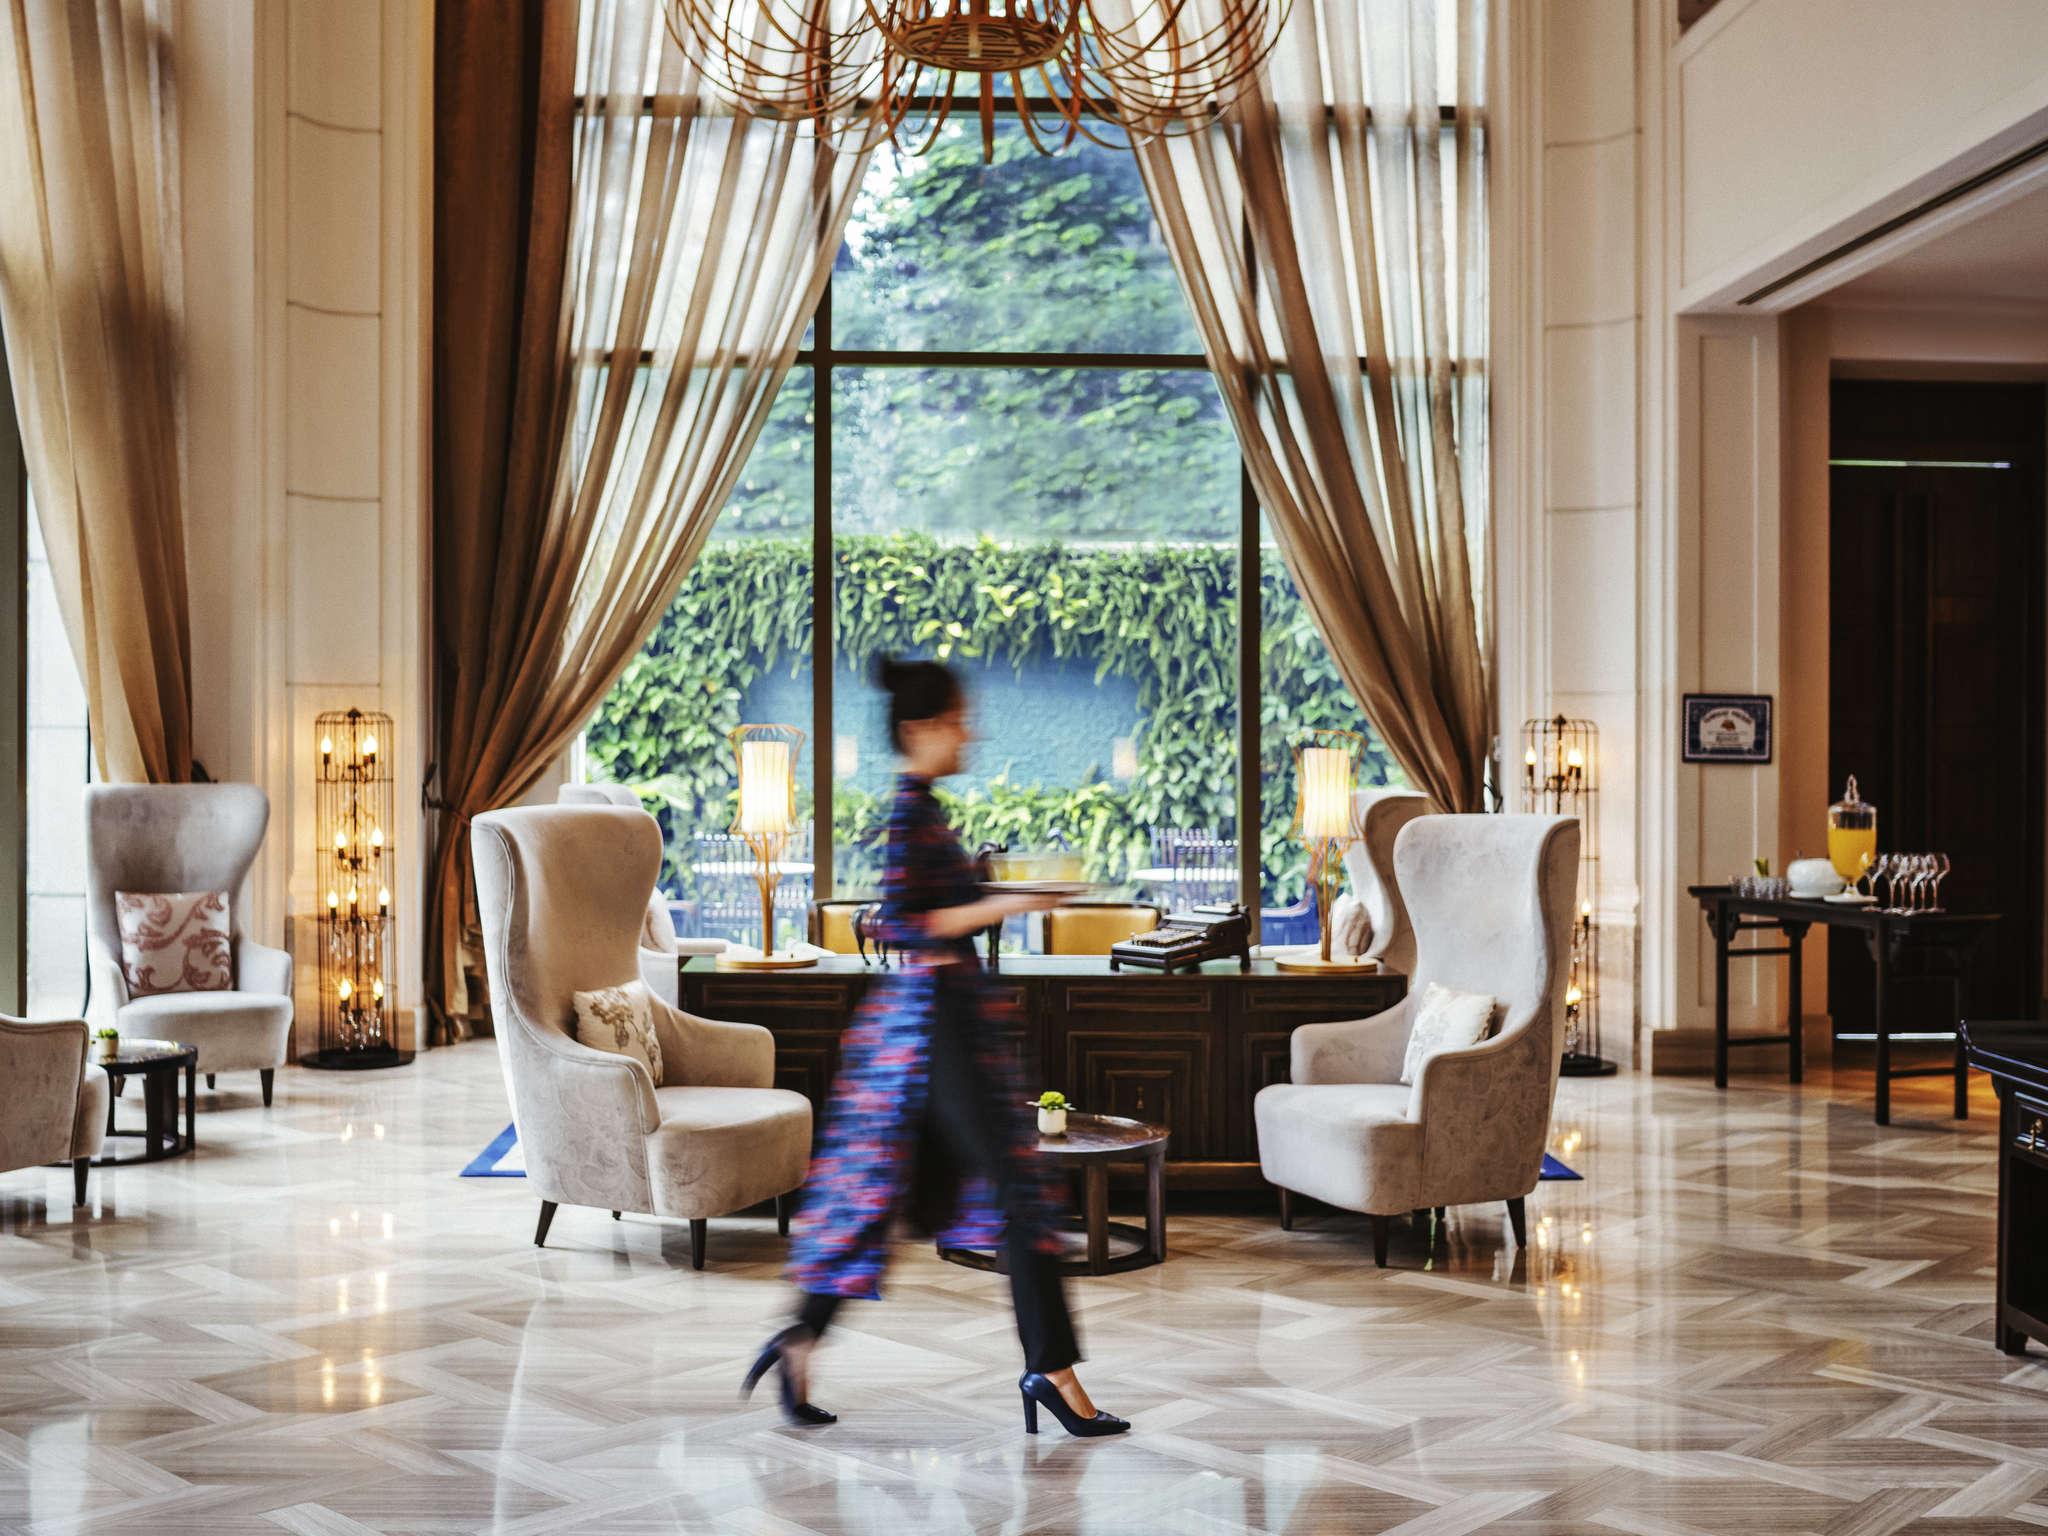 ホテル – ホテル デ ザール サイゴン Mギャラリー コレクション